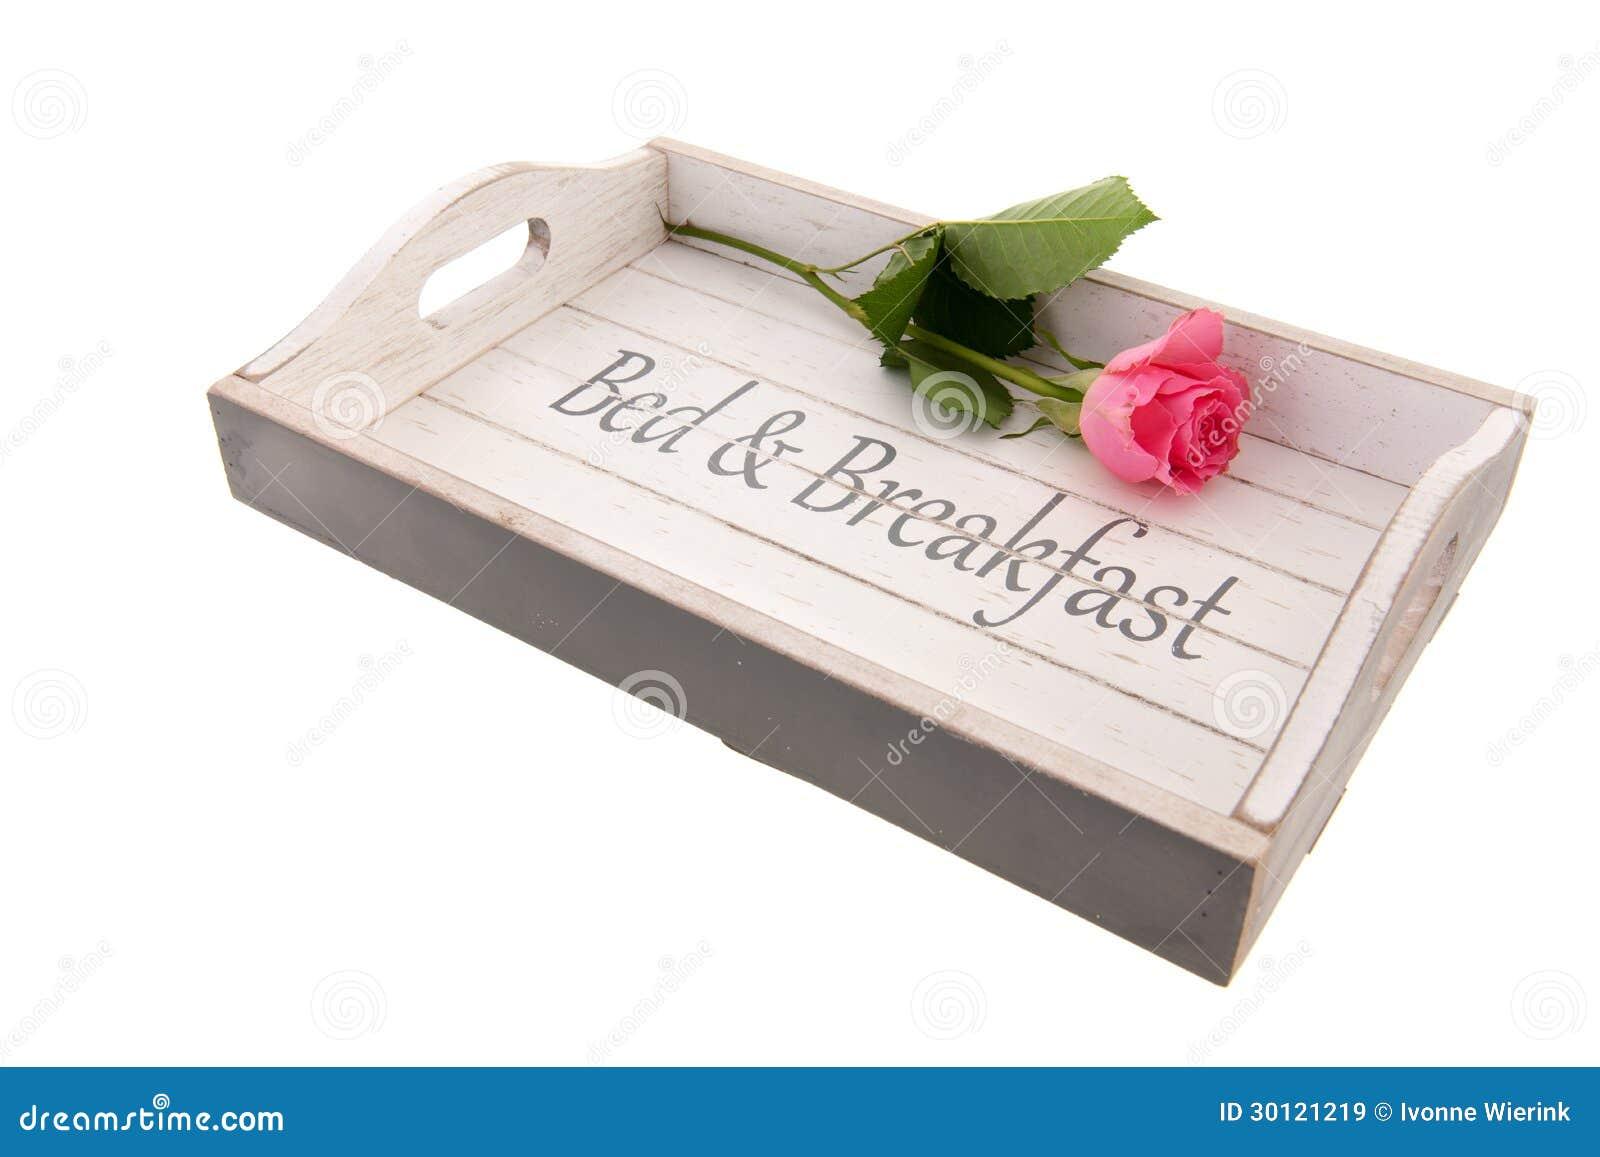 Het bed van het dienblad en ontbijt royalty vrije stock afbeeldingen afbeelding 30121219 - Houten bed ...